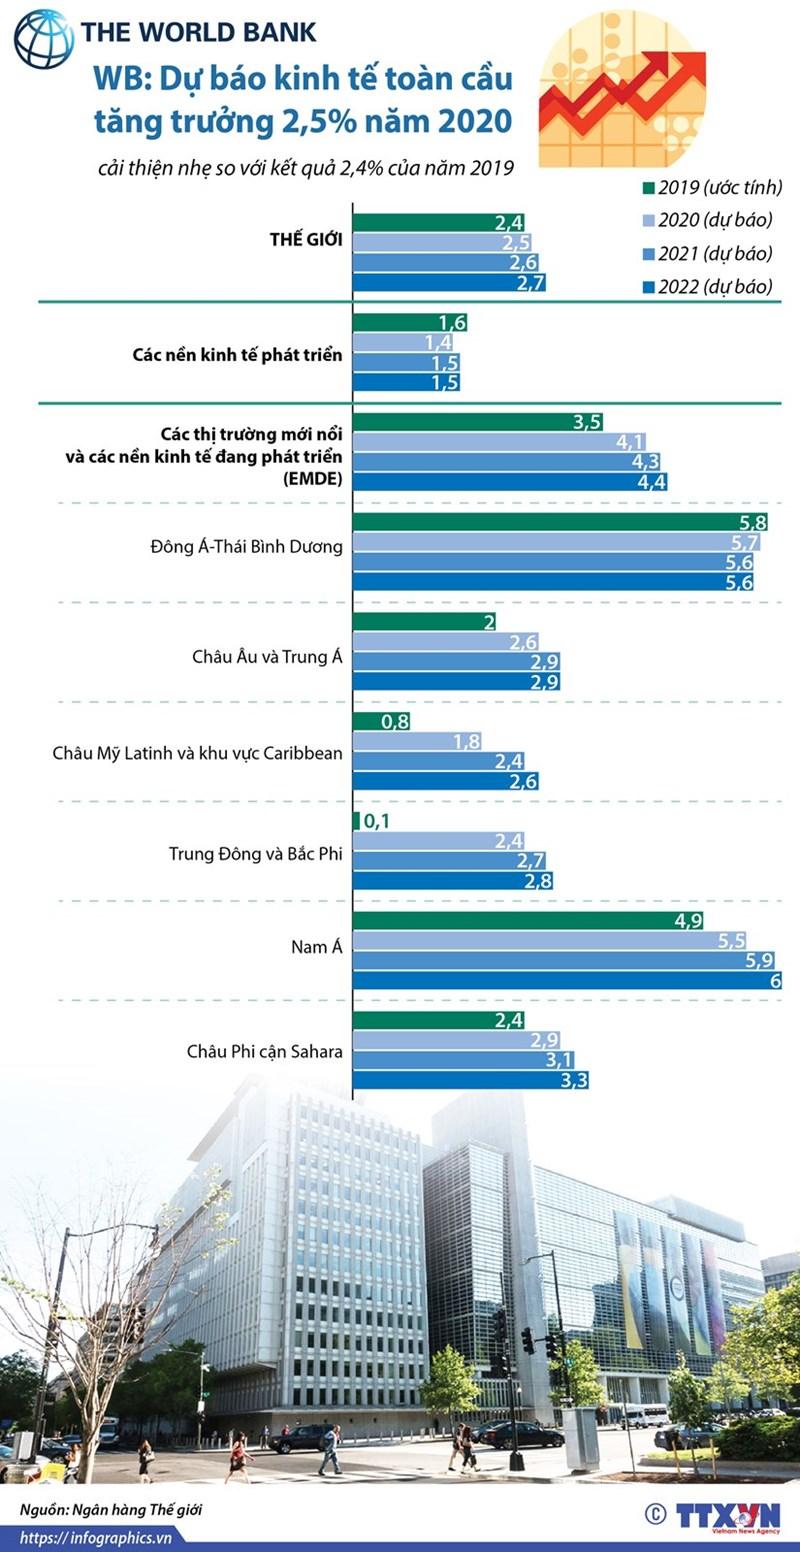 [Infographics] WB: Dự báo kinh tế toàn cầu tăng trưởng 2,5% năm 2020 - Ảnh 1